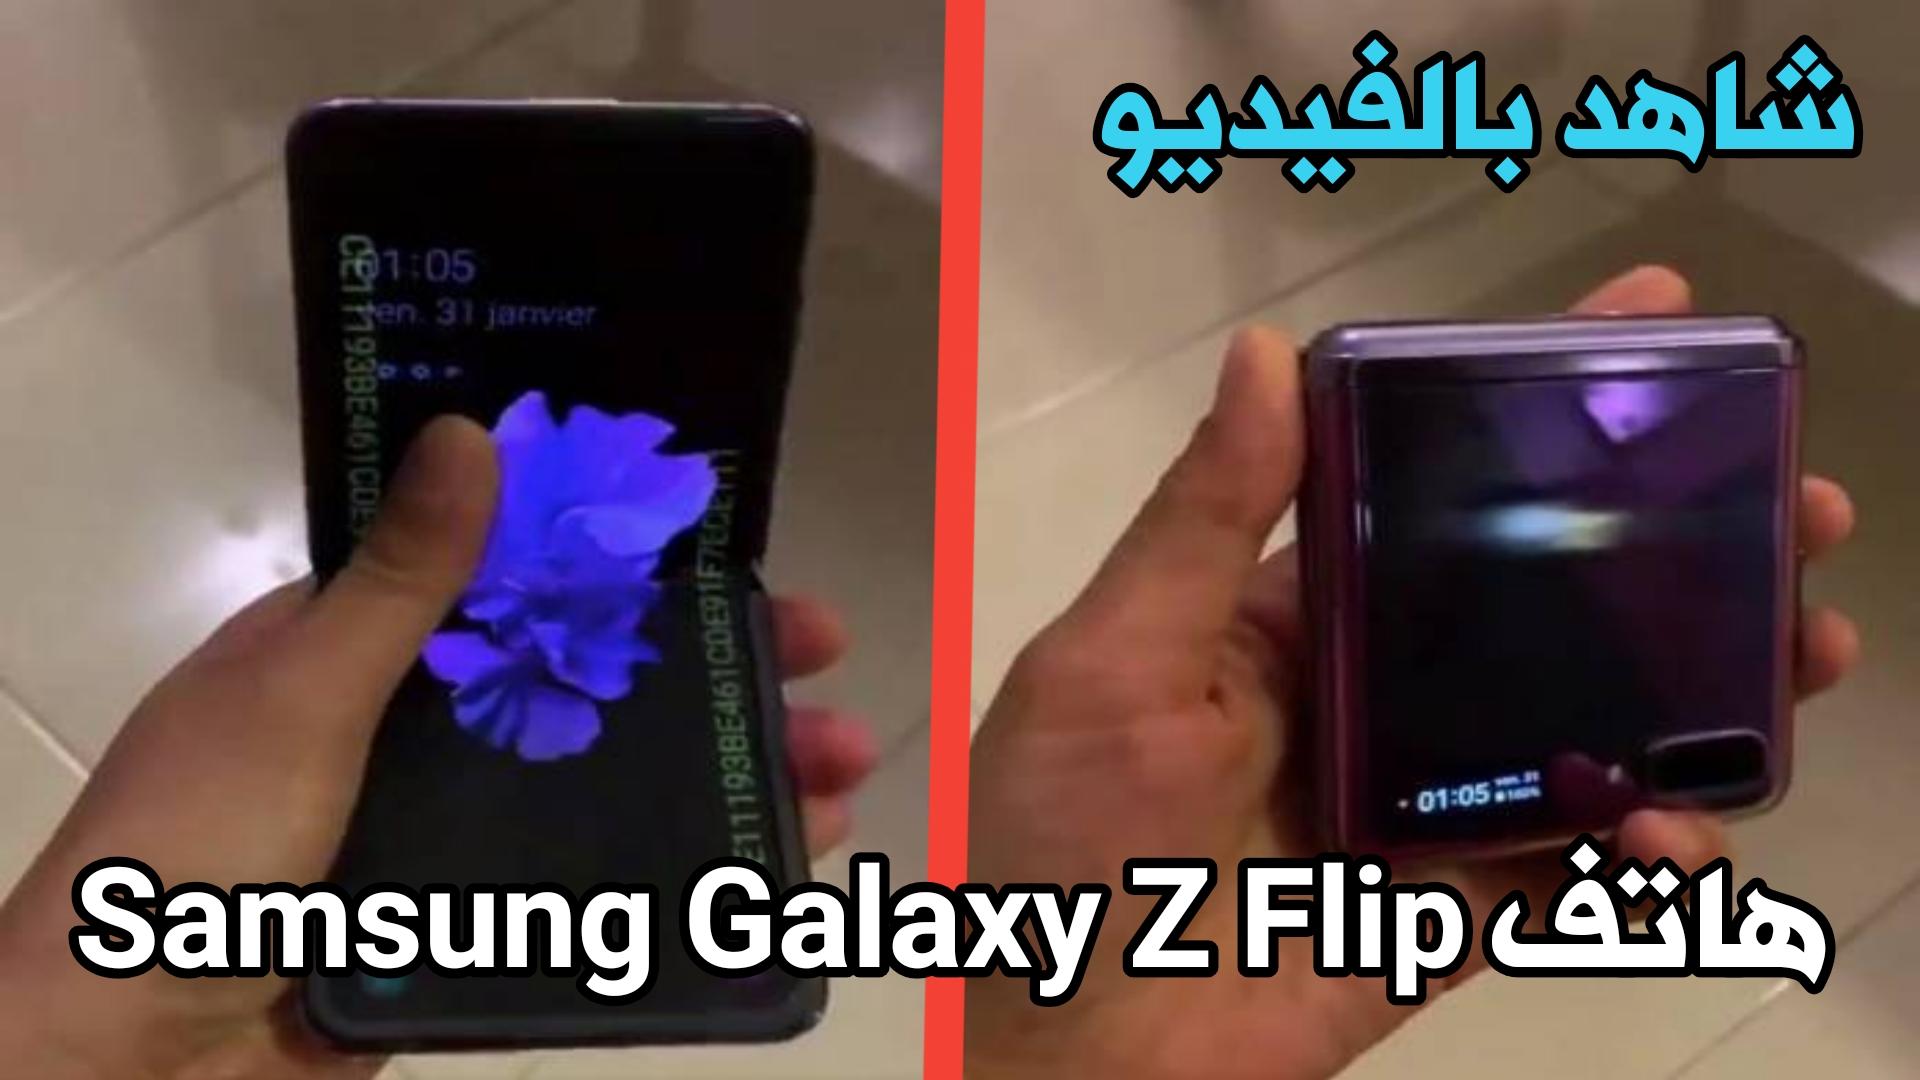 شاهد بالفيديو هاتف القابل للطي Samsung Galaxy Z Flip الذي سيعلن عنة رسمياً يوم 11 فبراير هذا الشهر